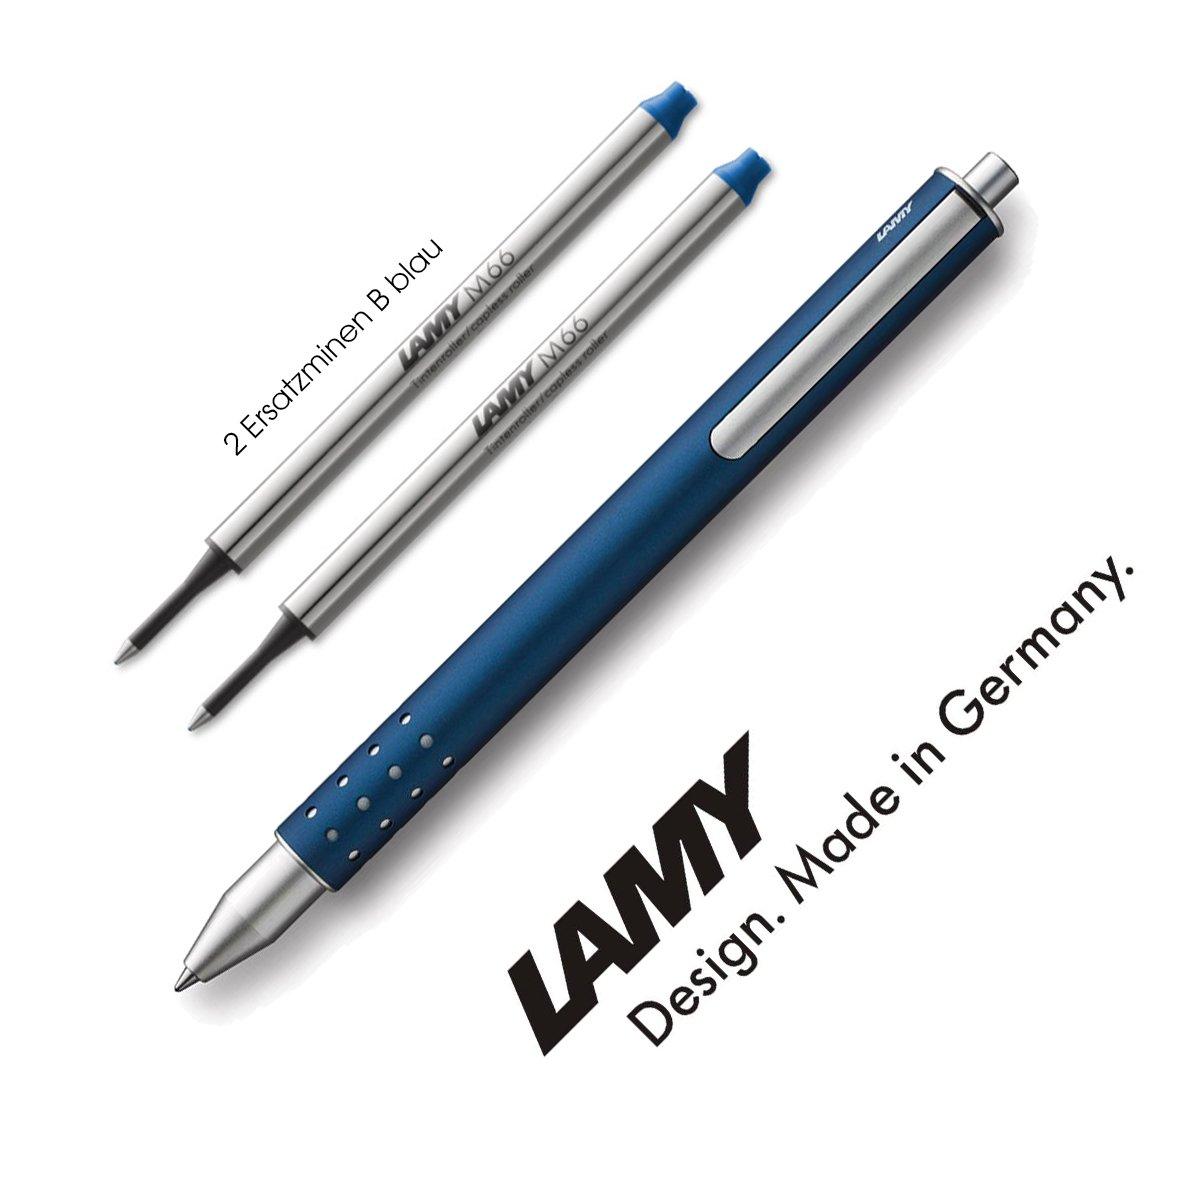 Lamy 1226055 Tintenroller Swift Modell Nummer 334, imperial blau  2 Ersatzminen B blau B01CCL62WO   Förderung